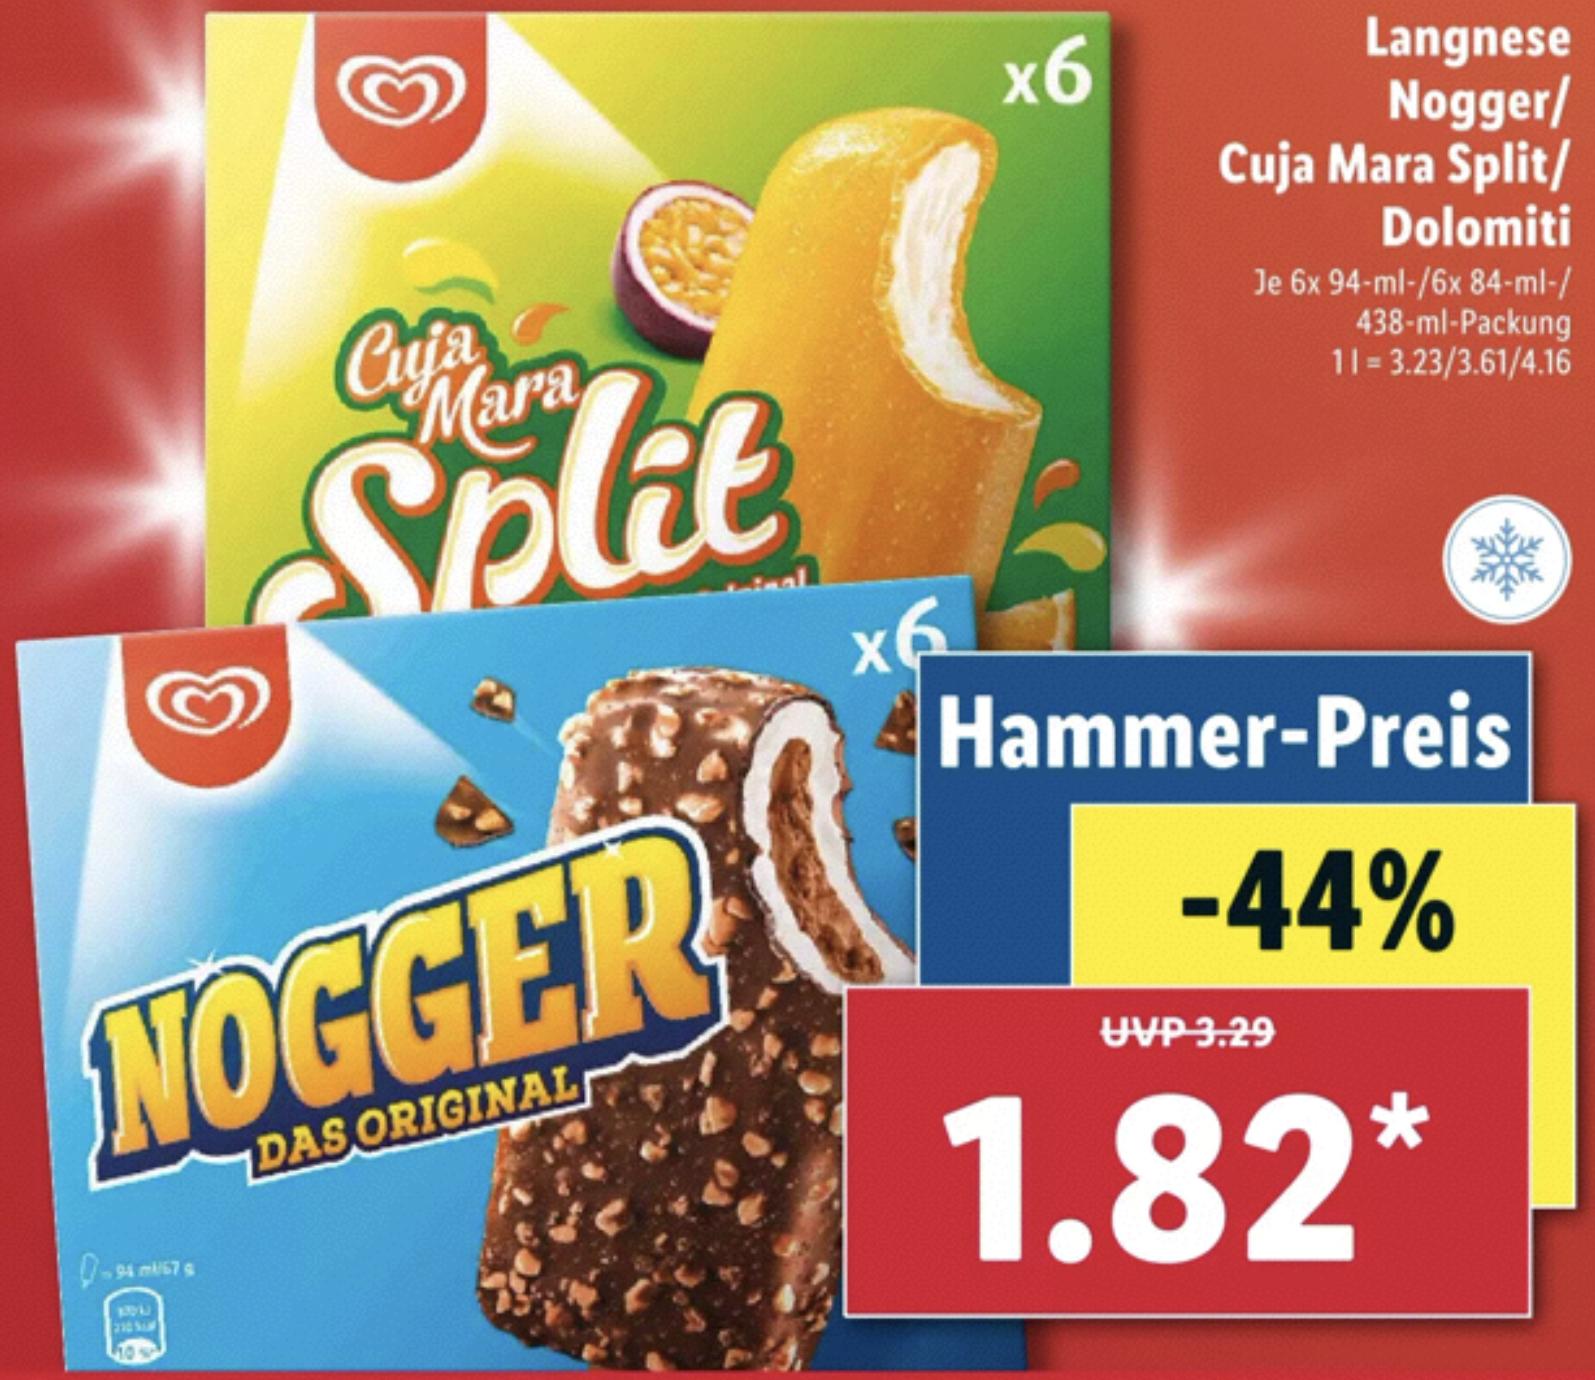 Langnese Nogger 6er, Cuja Mara Split oder Dolomiti für je 1,82€ / W5 Geschirr-Reiniger-Tabs Geschirrspültabs 60 Stück 1,95€ (3,2 Cent Tab)